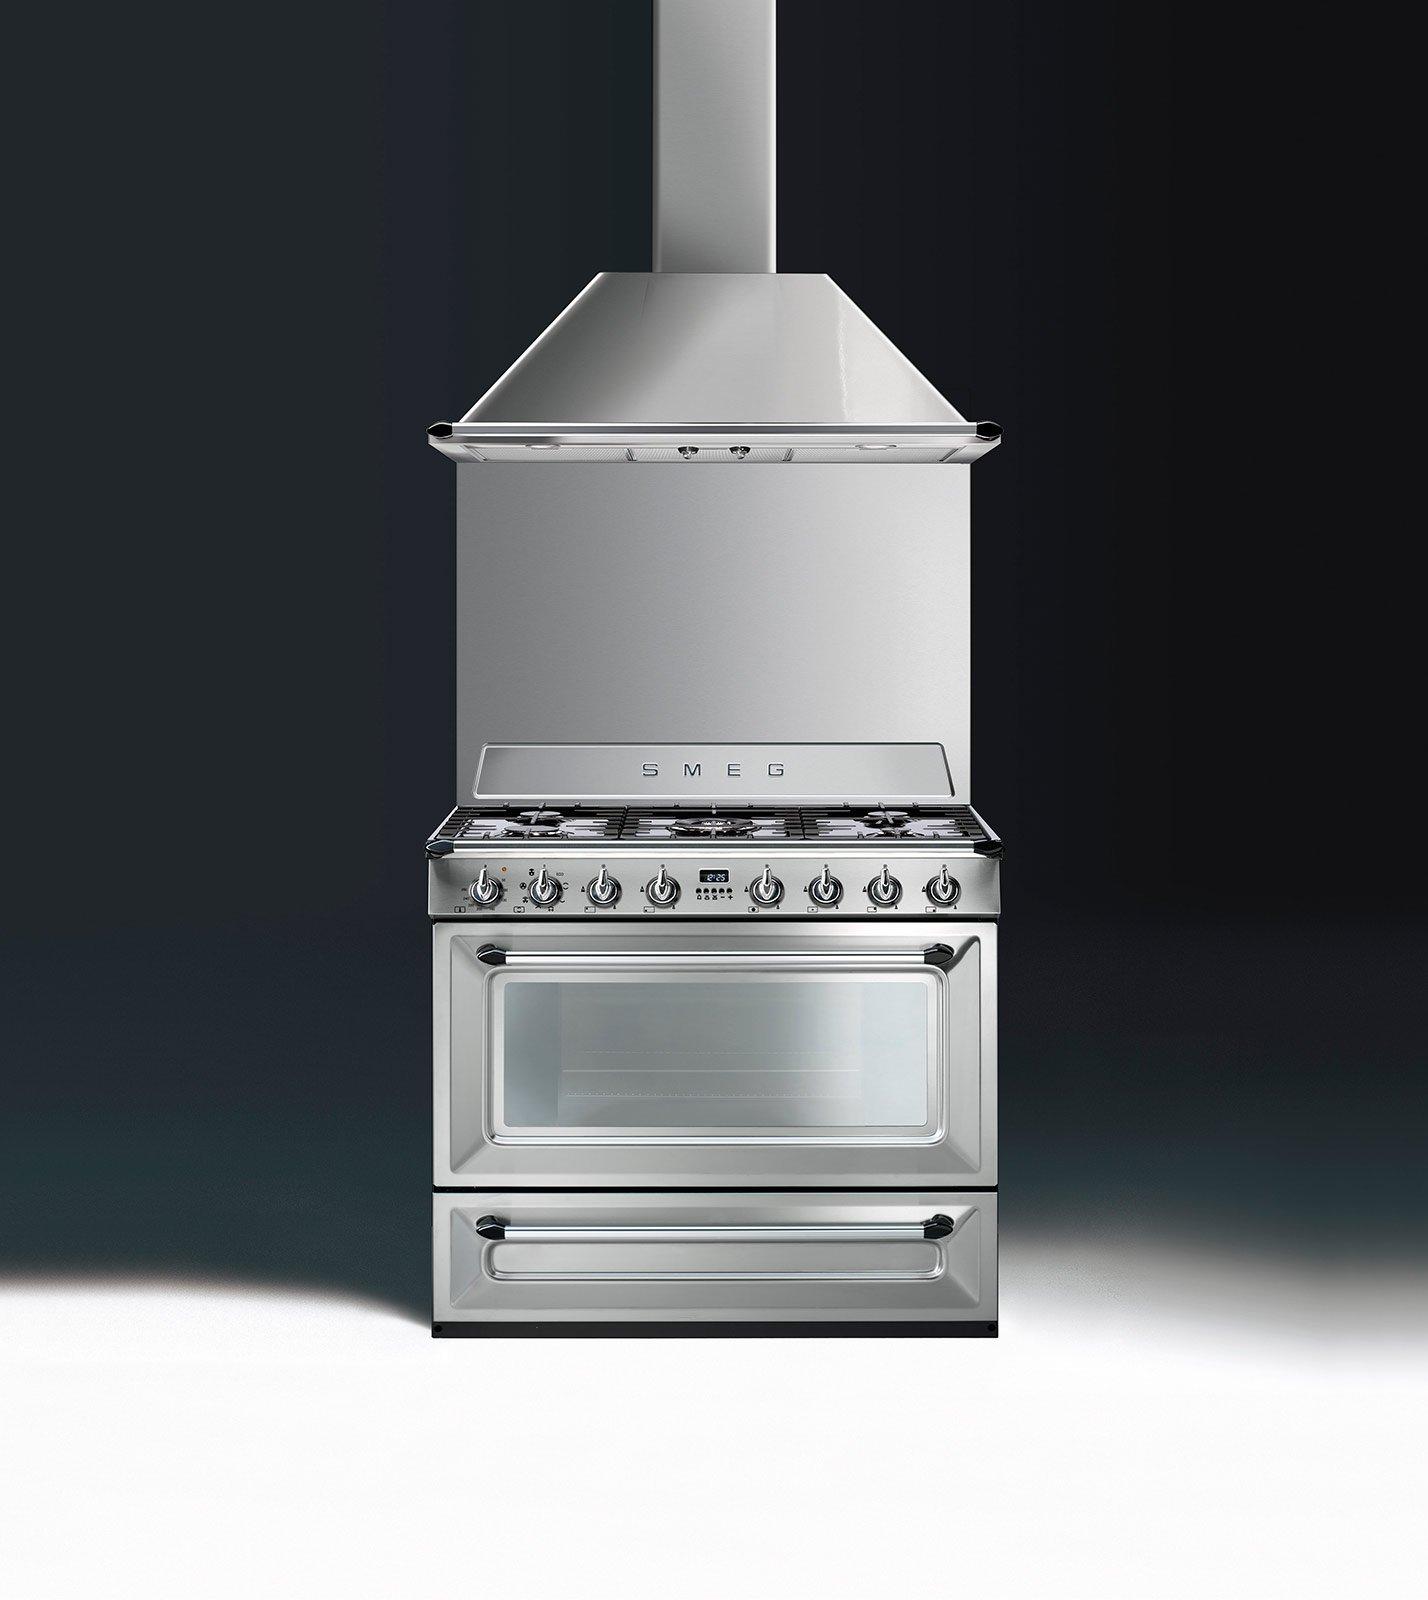 Mobili lavelli monoblocco forno piano cottura - Cucina a gas in offerta ...